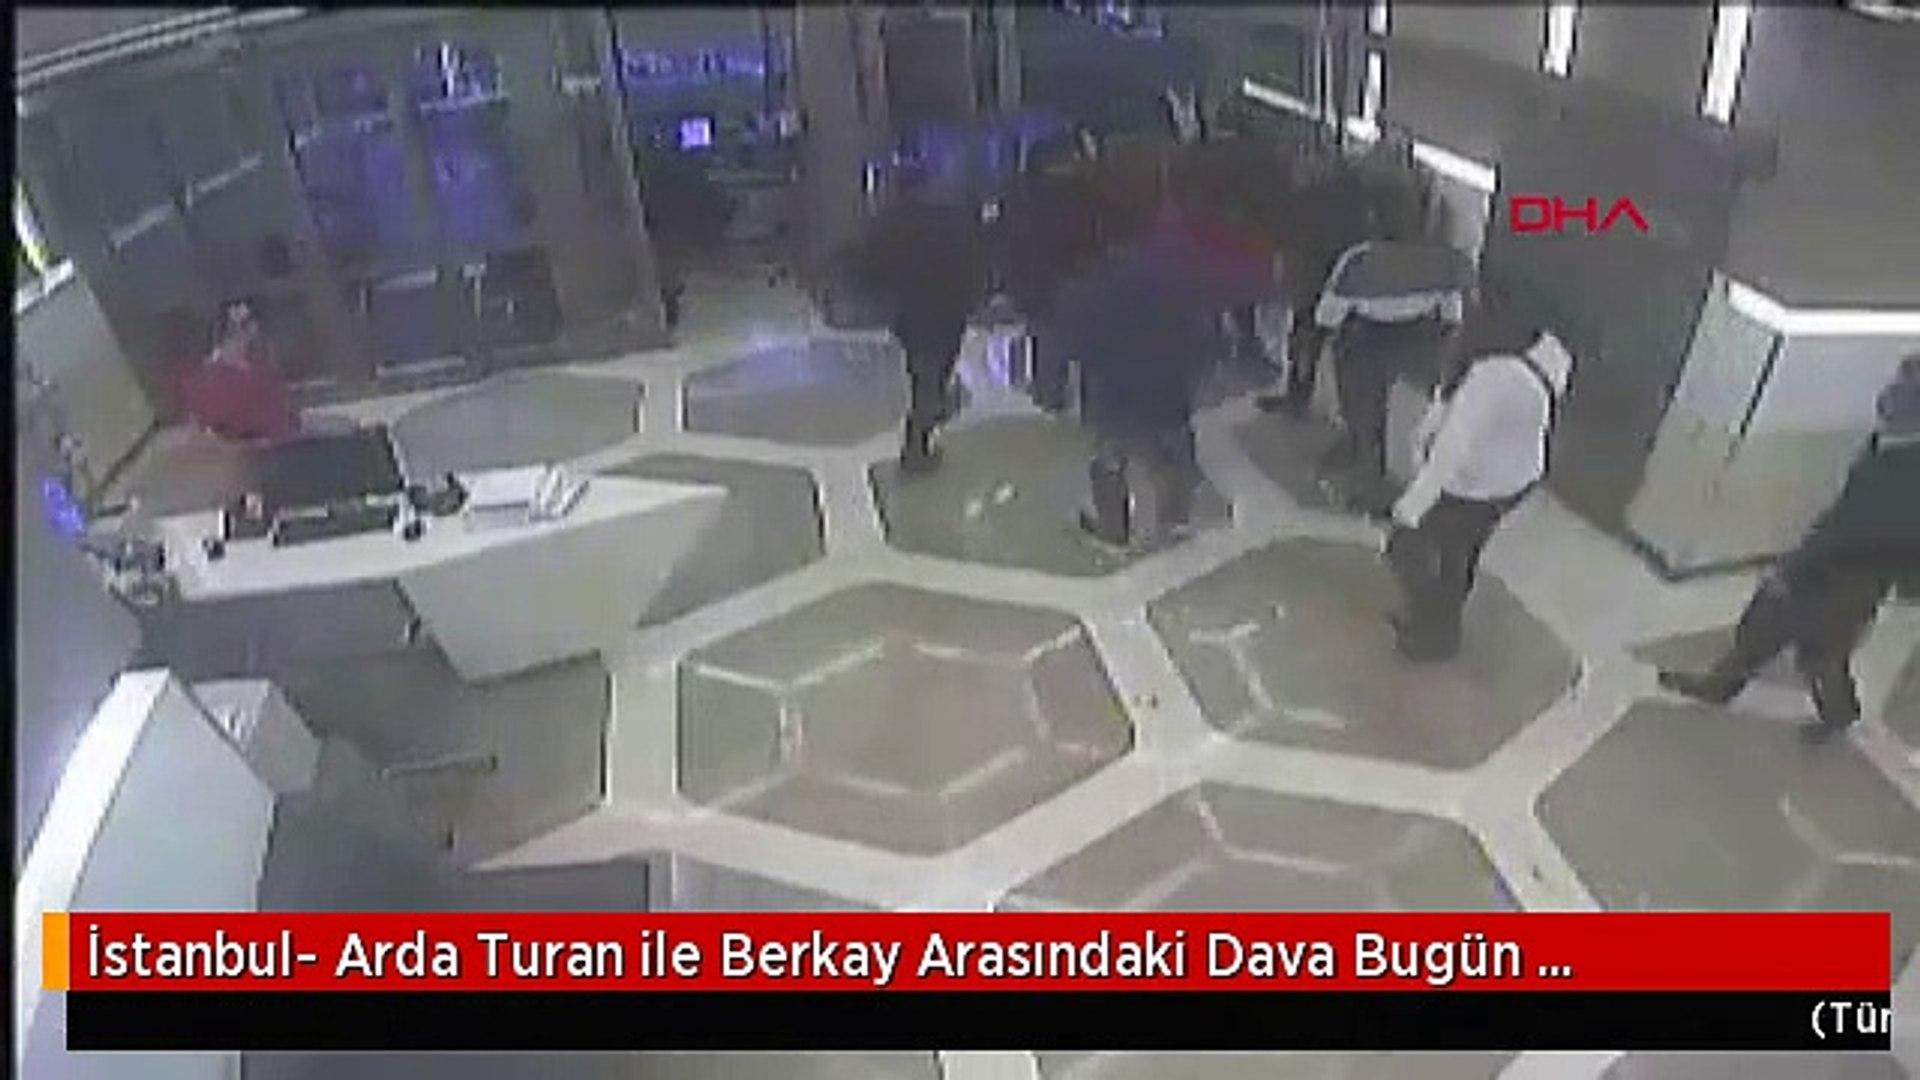 İstanbul- Arda Turan ile Berkay Arasındaki Dava Bugün Görülecek - 2